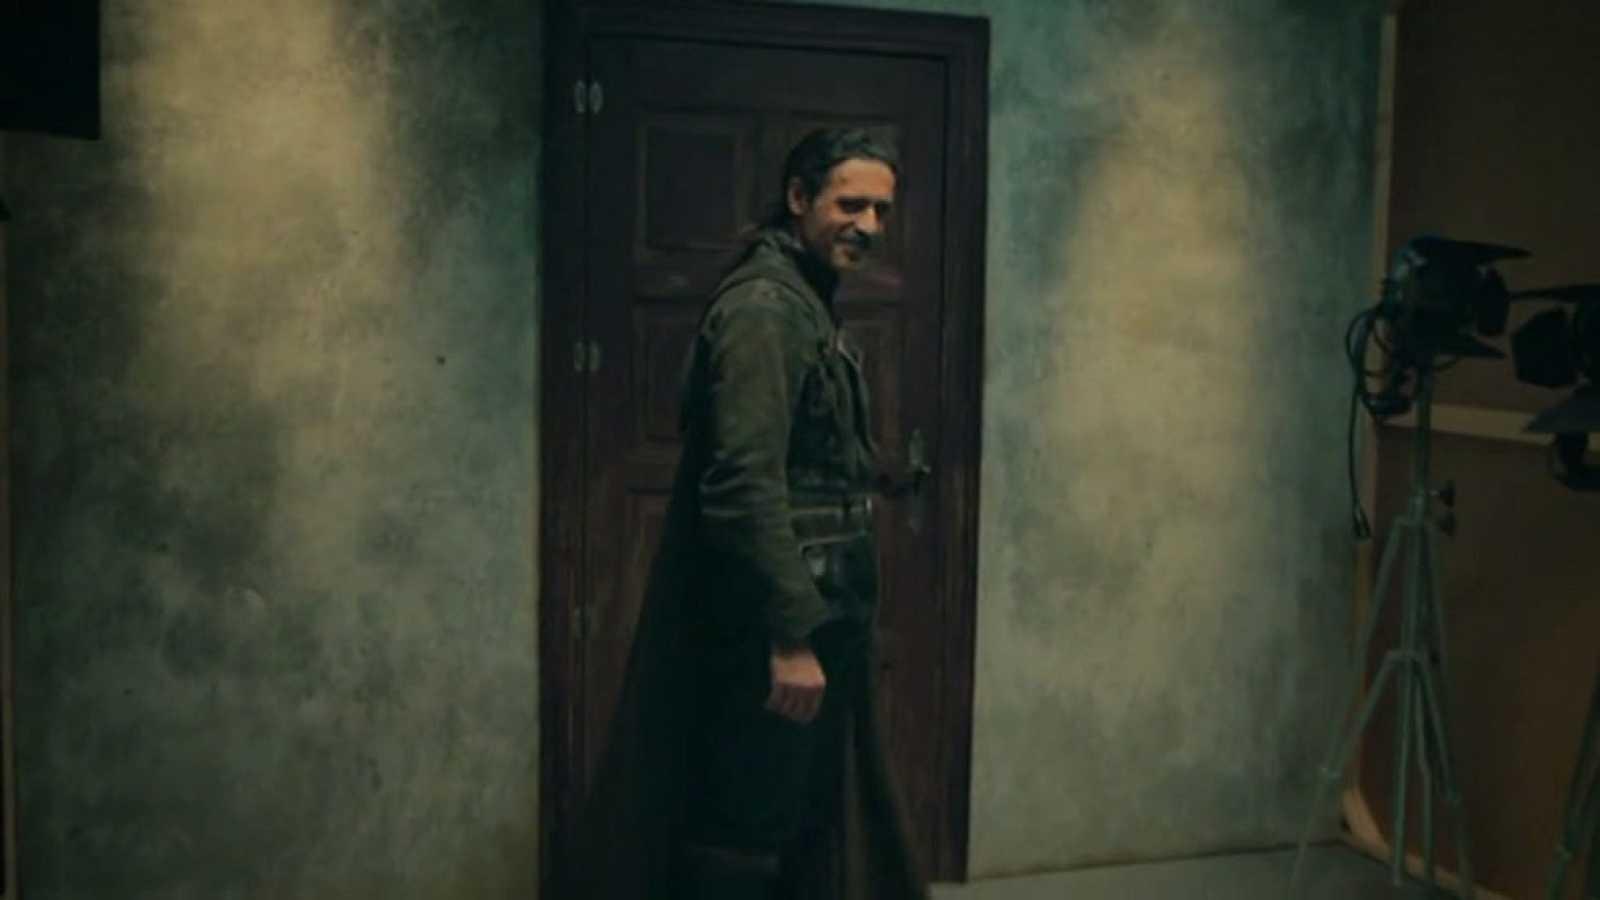 TVE mira hacia adelante en 2017 con los grandes estrenos de la temporada en una promoción donde aparecen Toni de 'Cuéntame cómo pasó' y Alonso de 'El Ministerio del Tiempo'.